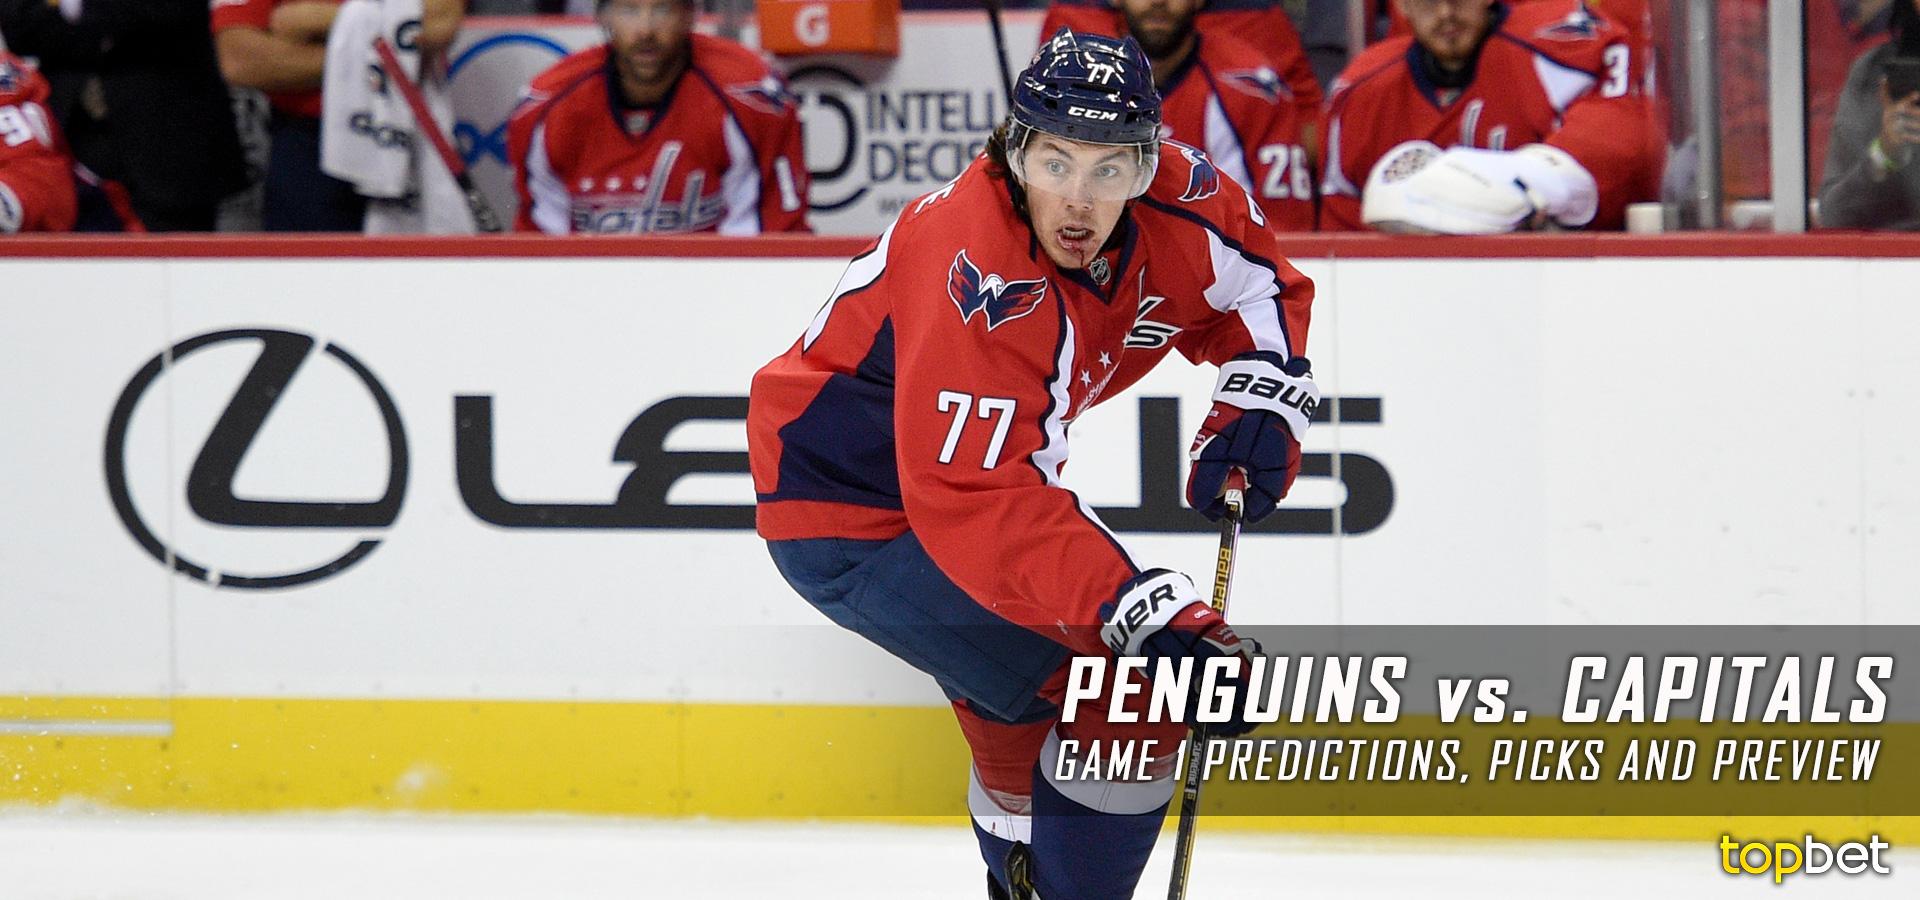 Penguins vs Capitals Series Game 1 Predictions cf48370ecc0a